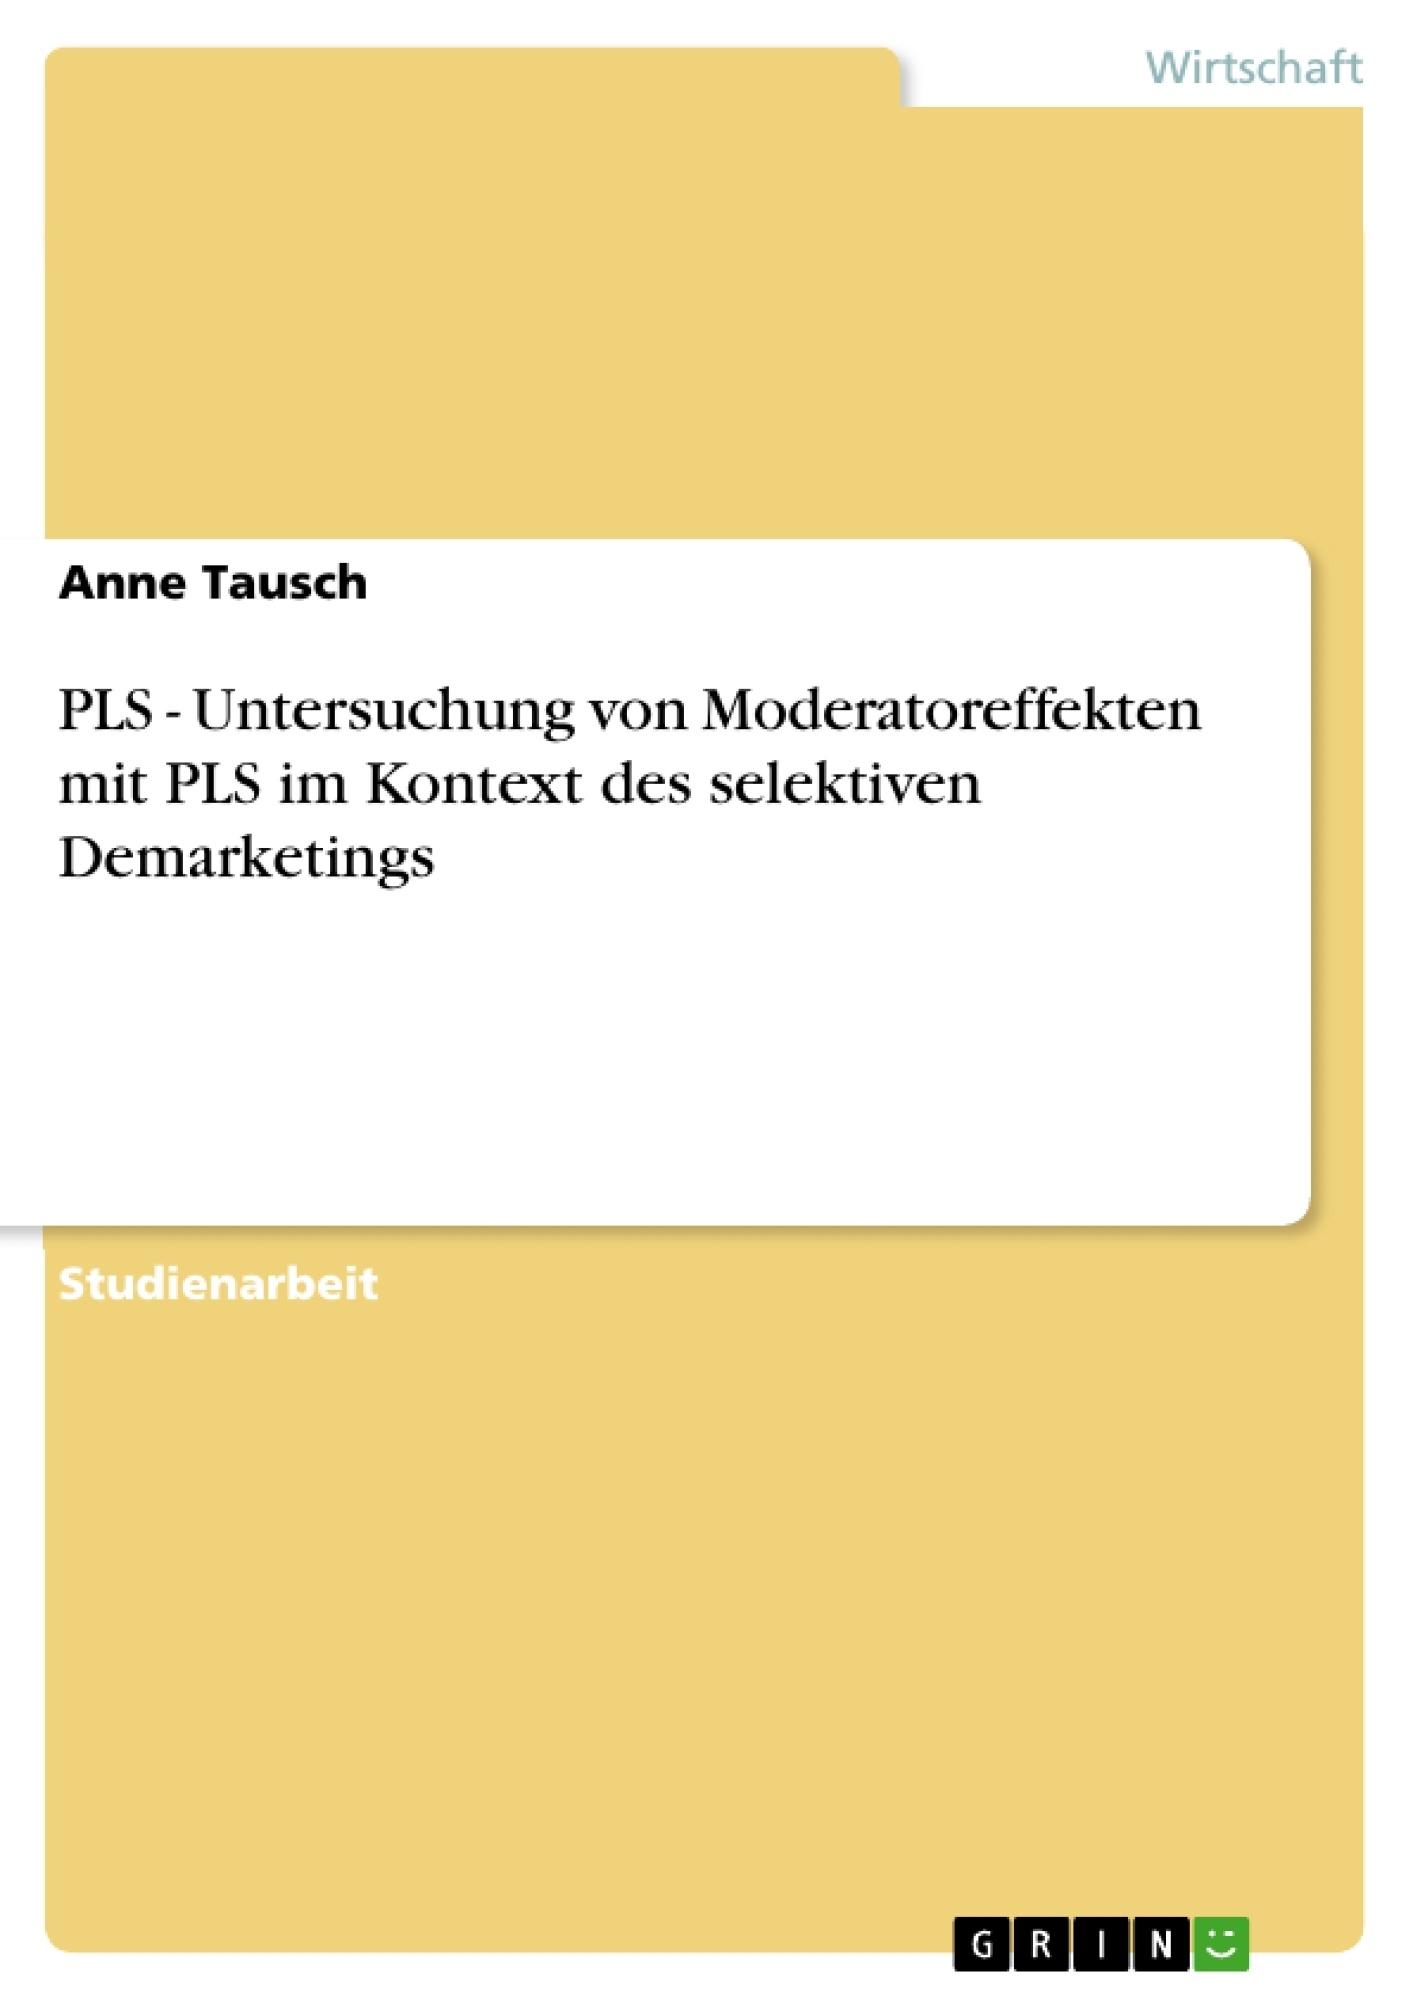 Titel: PLS - Untersuchung von Moderatoreffekten mit PLS im Kontext des selektiven Demarketings